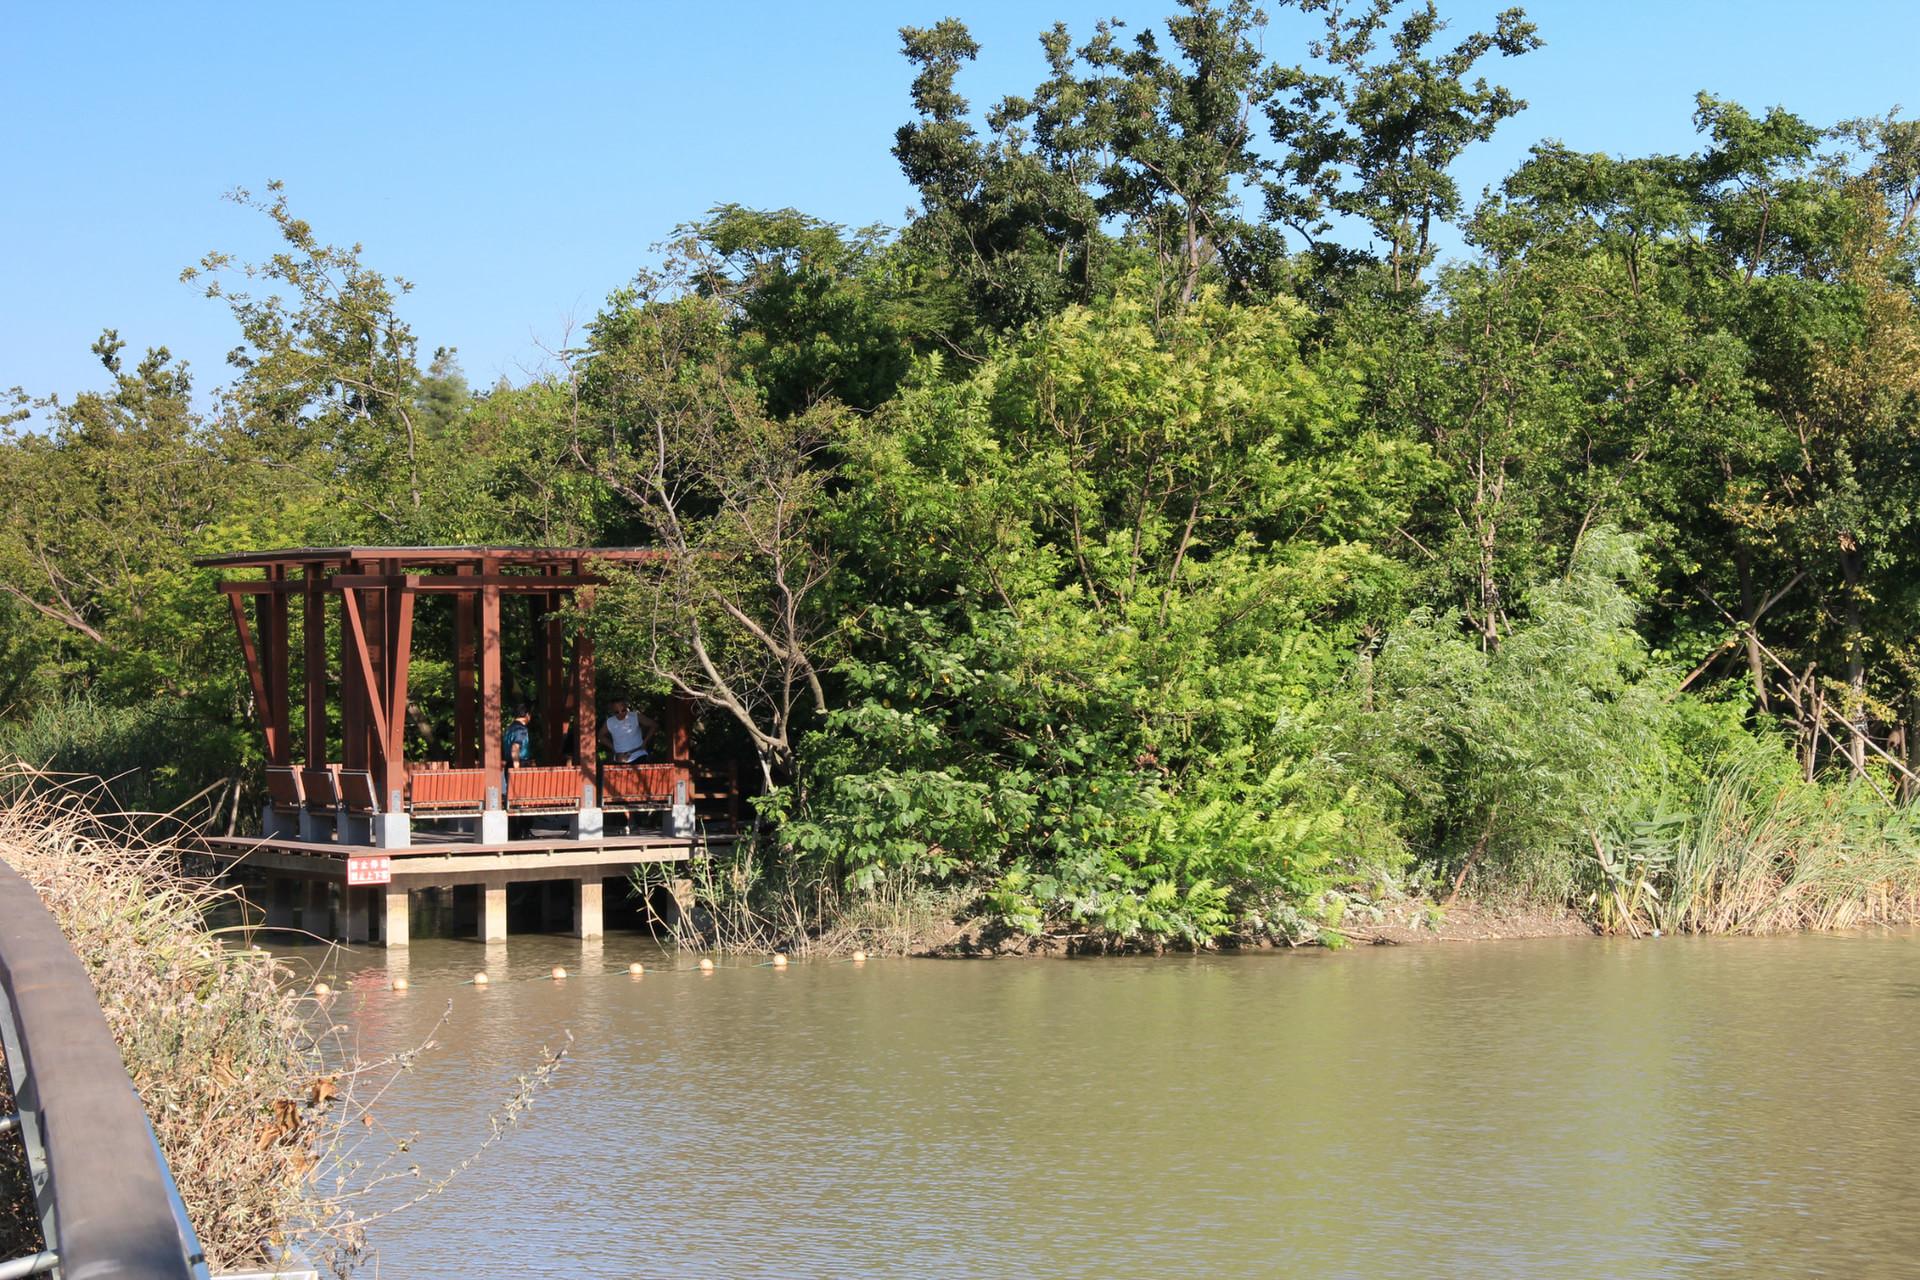 吴淞炮台湾湿地森林公园